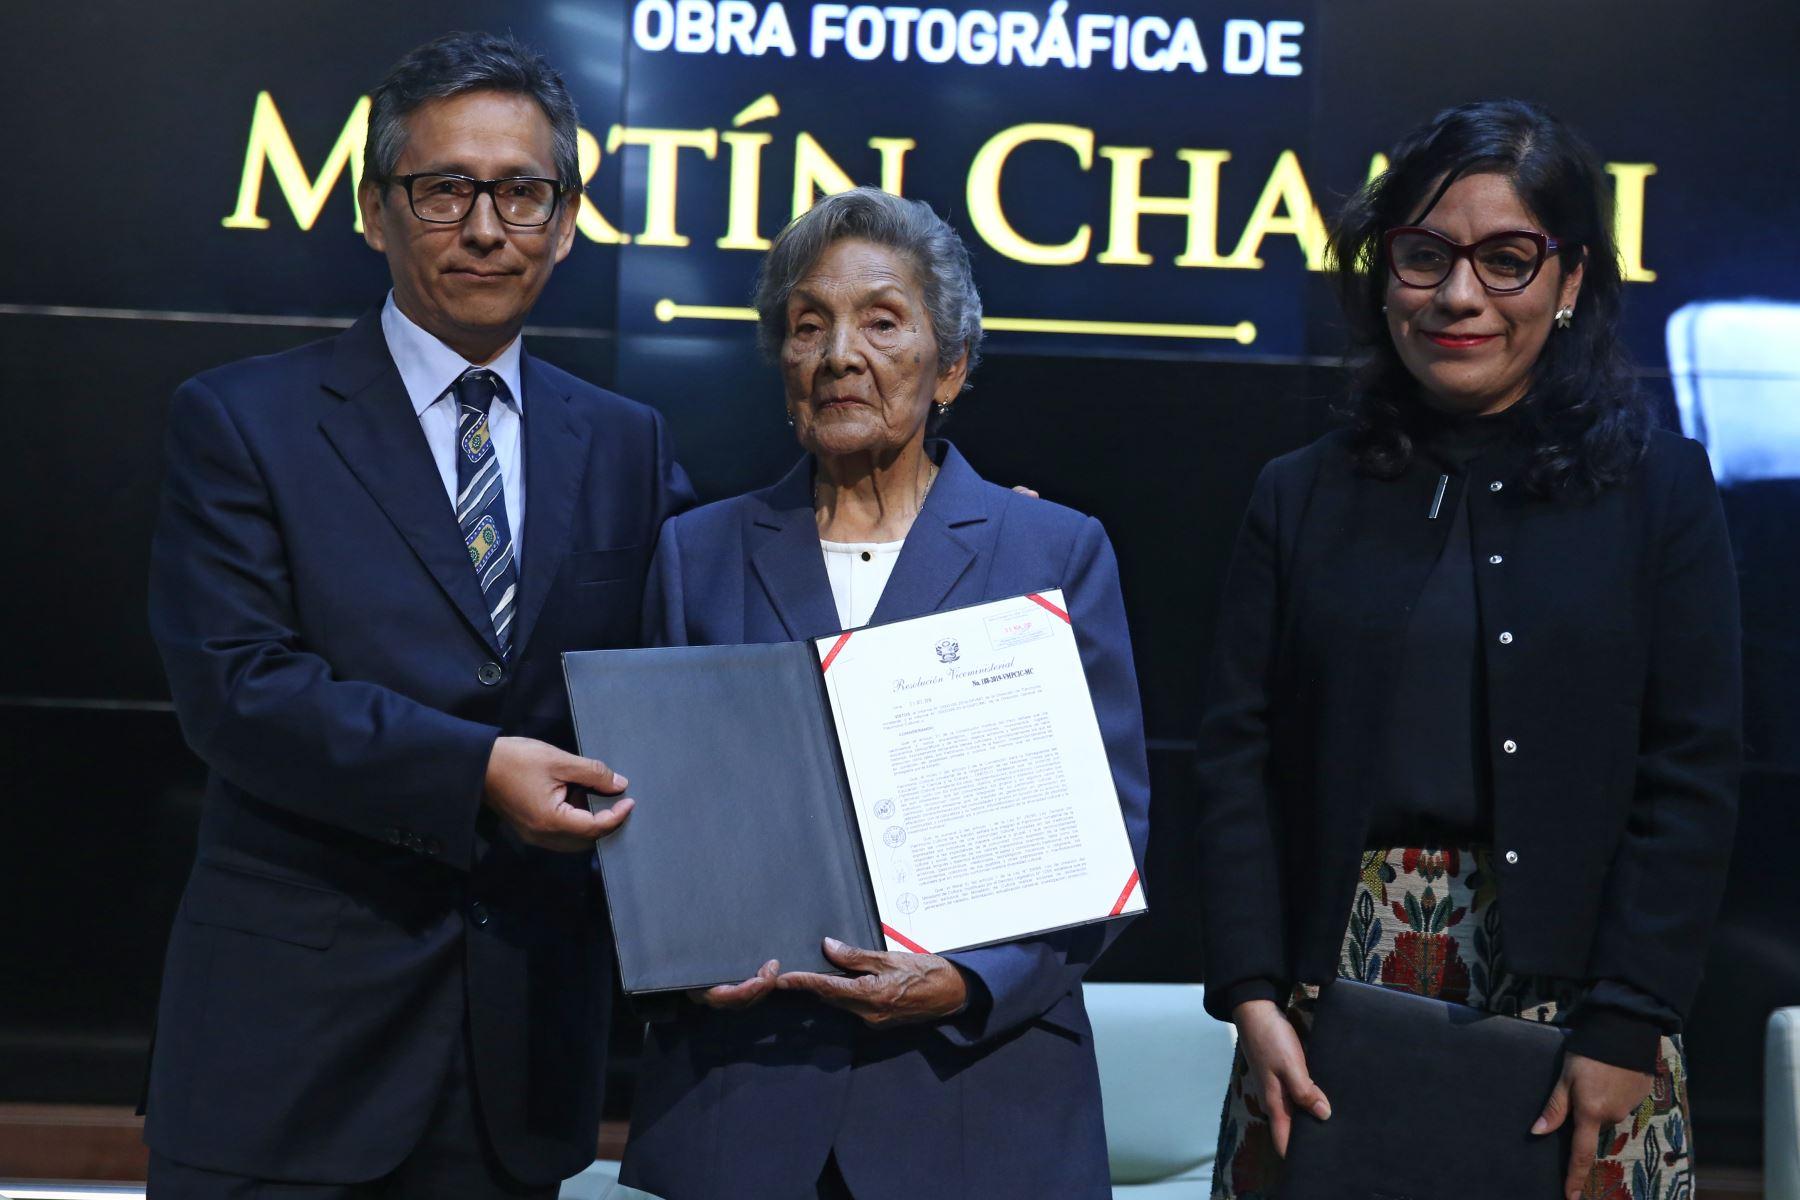 Ministerio de Cultura entrega la resolución Viceministerial correspondiente a la declaratoria de la obra fotográfica de Martín Chambi como patrimonio Cultural de la Nación. Foto: ANDINA/Vidal Tarqui